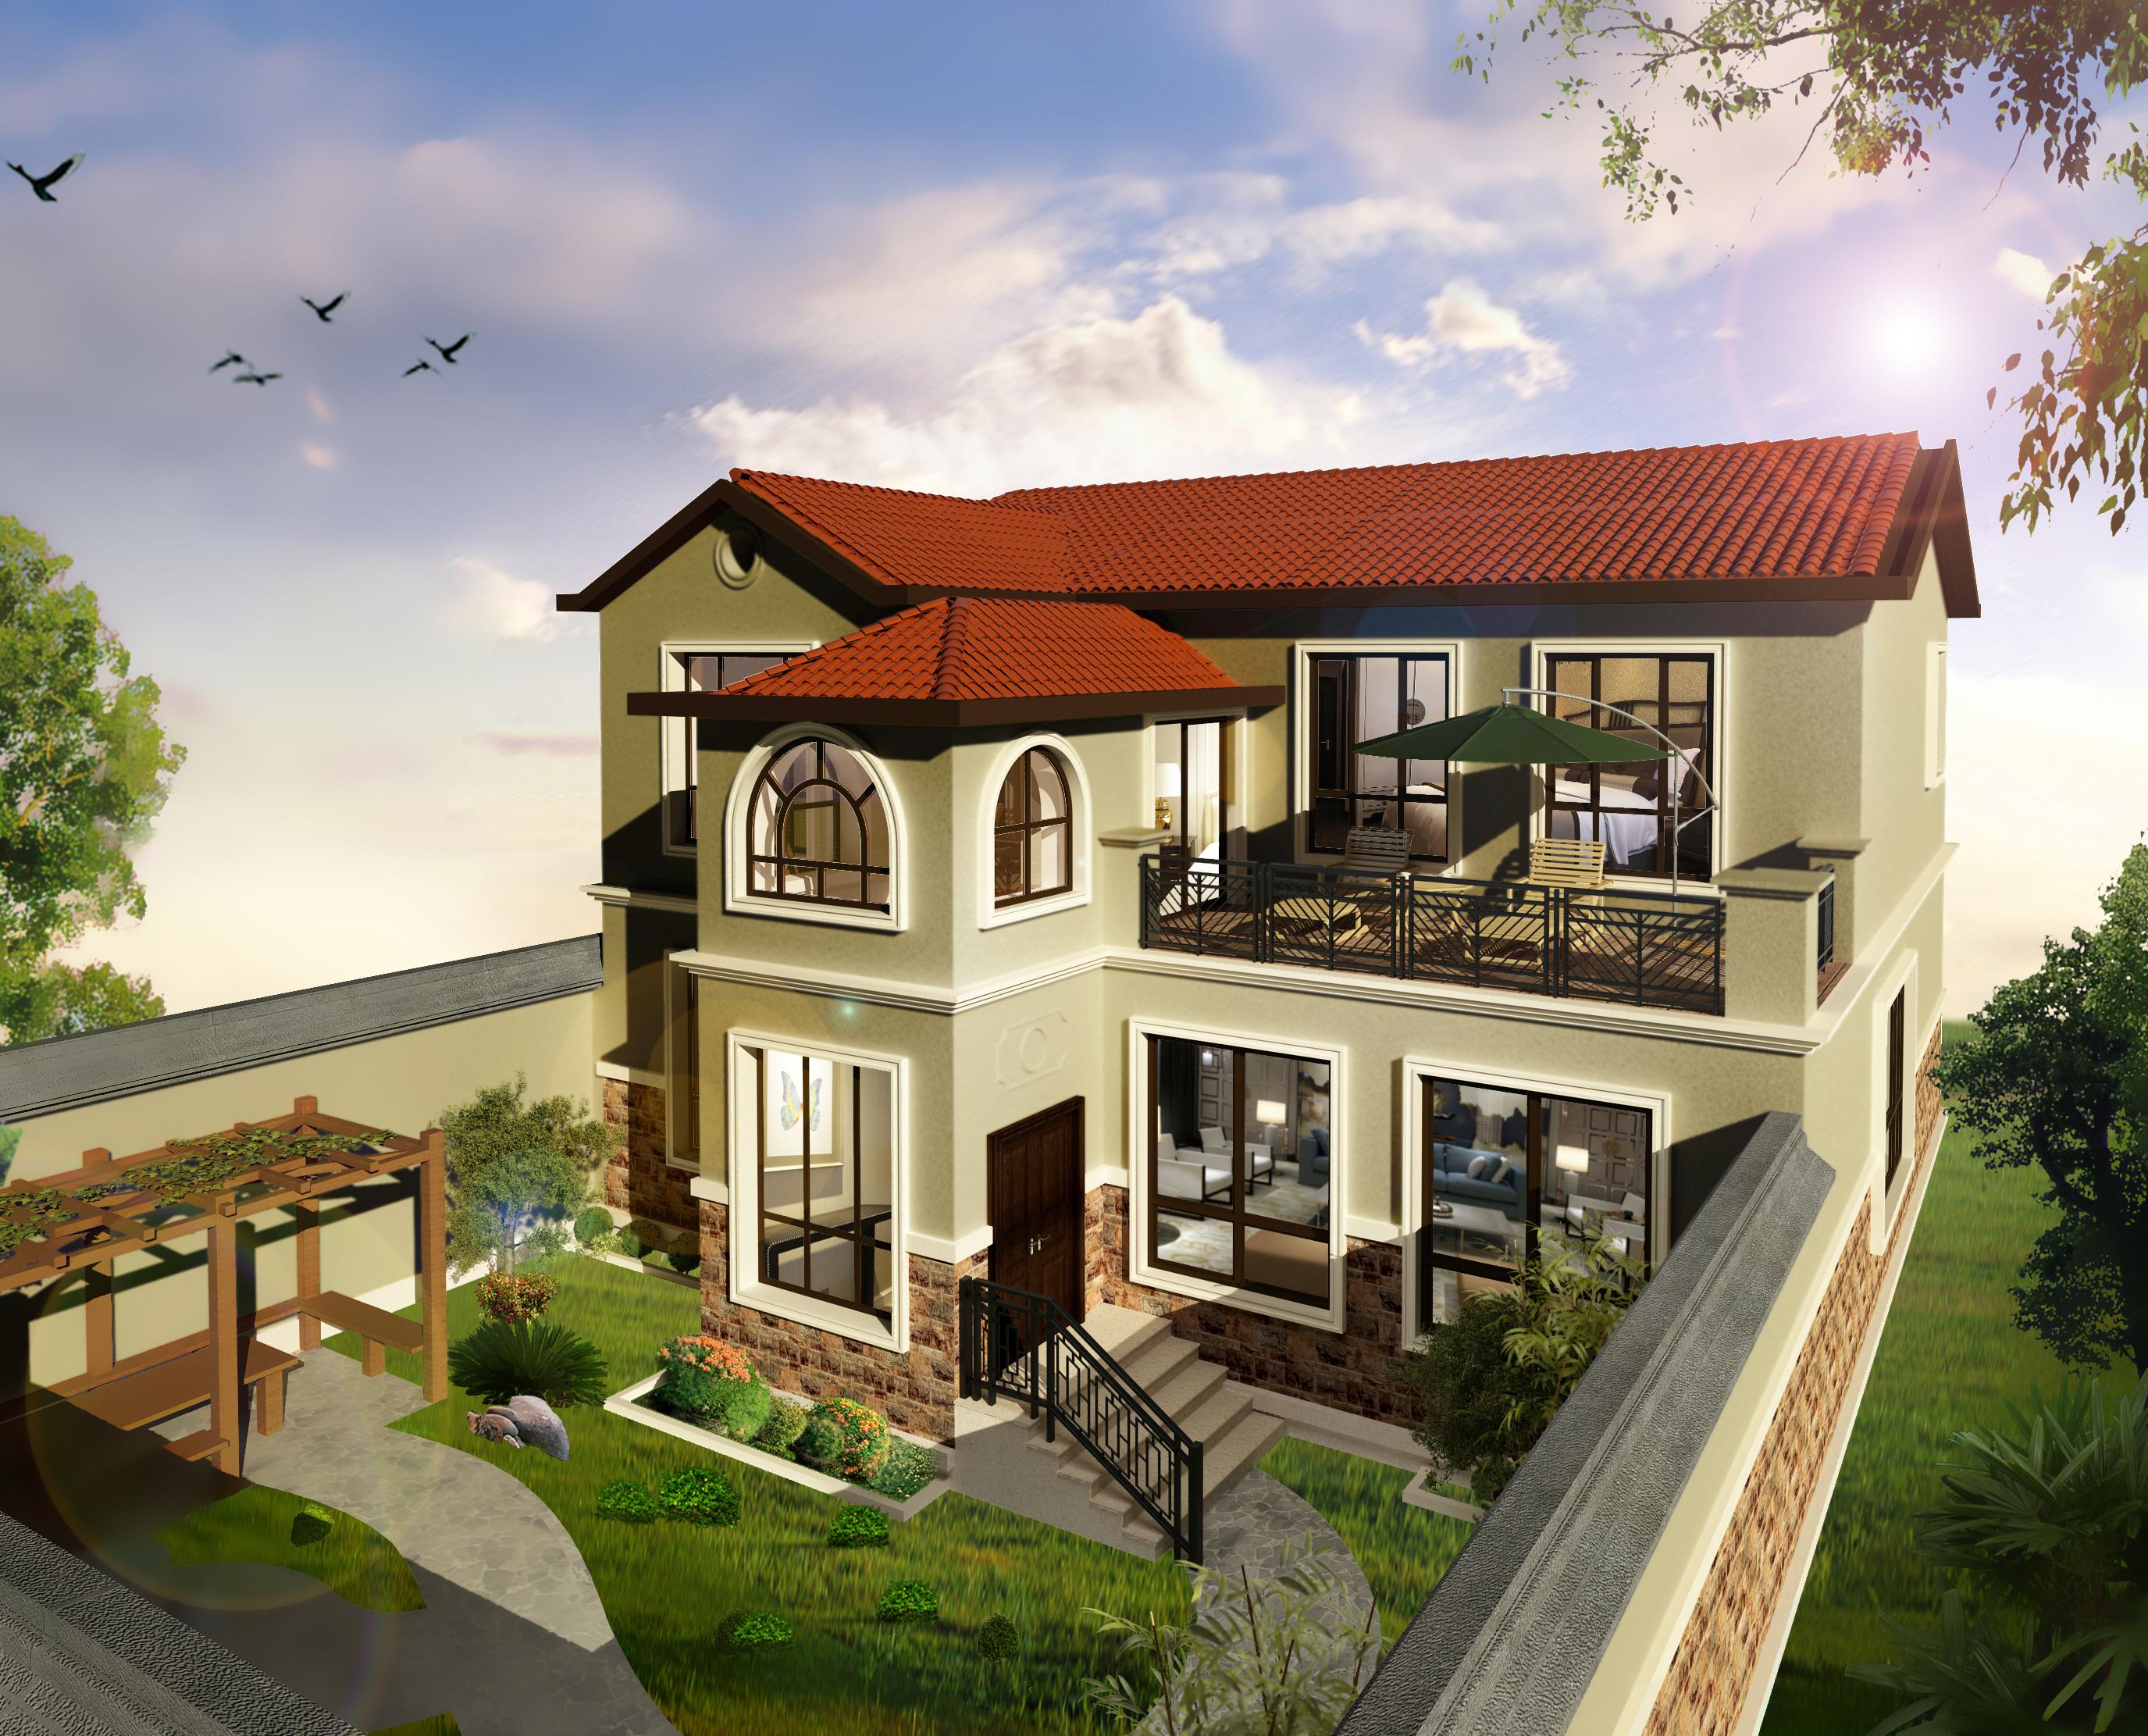 本案独栋别墅外观与庭院结合和室内的设计运用了托斯卡纳和新中式混搭图片